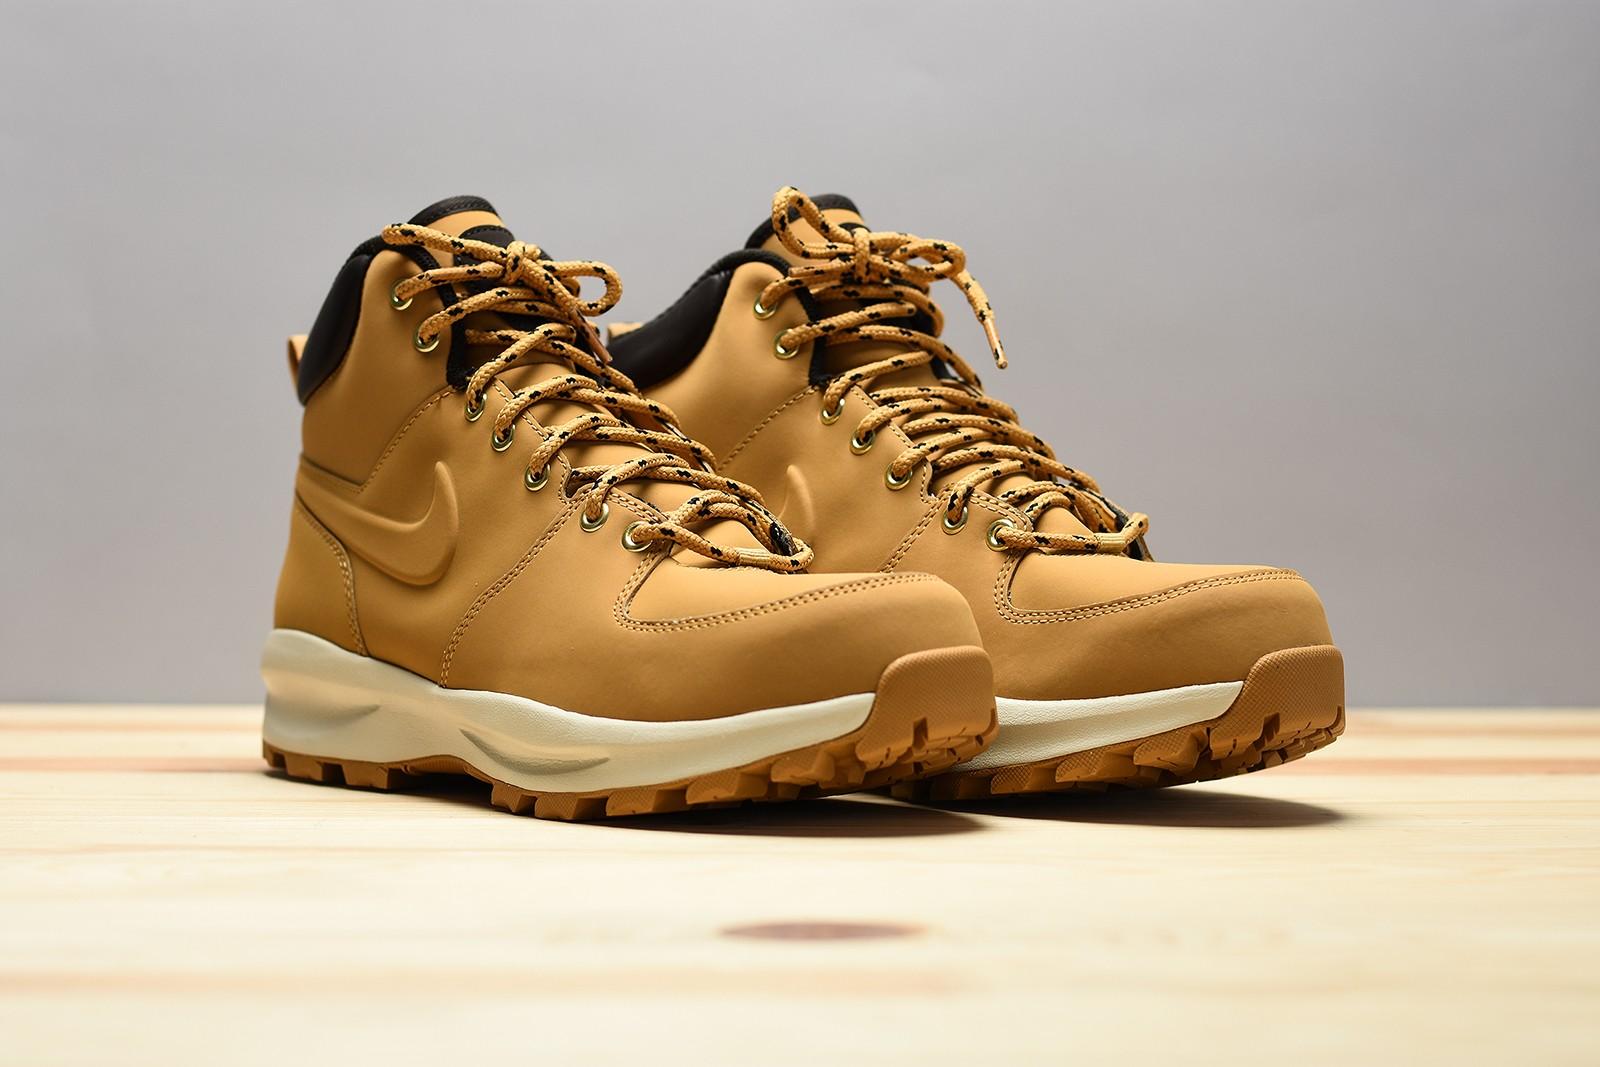 Pánská zimní obuv Nike MANOA LEATHER  a8c68f3f7c